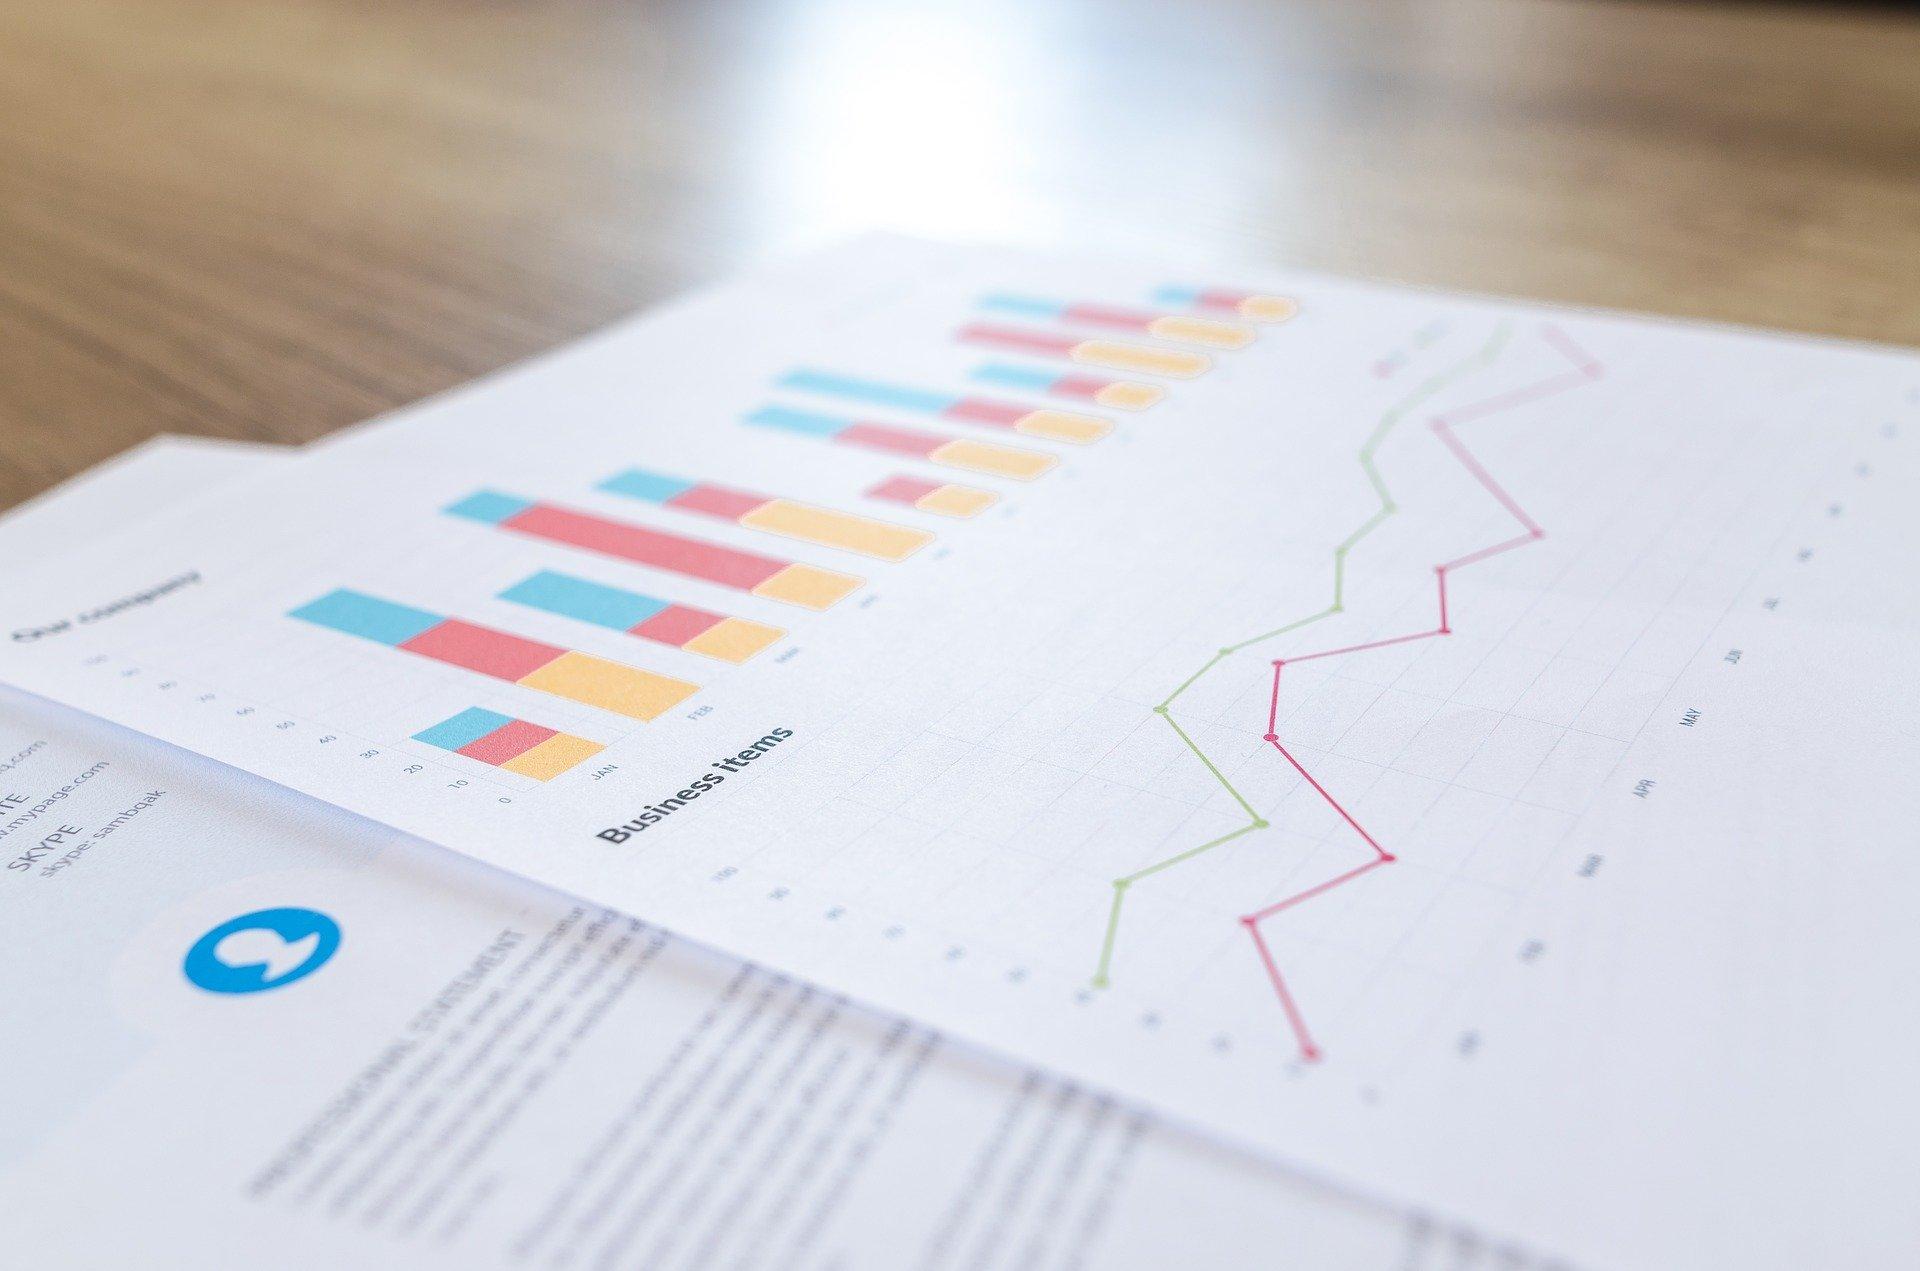 事業資金を用途別に借りわける資金調達方法とは?